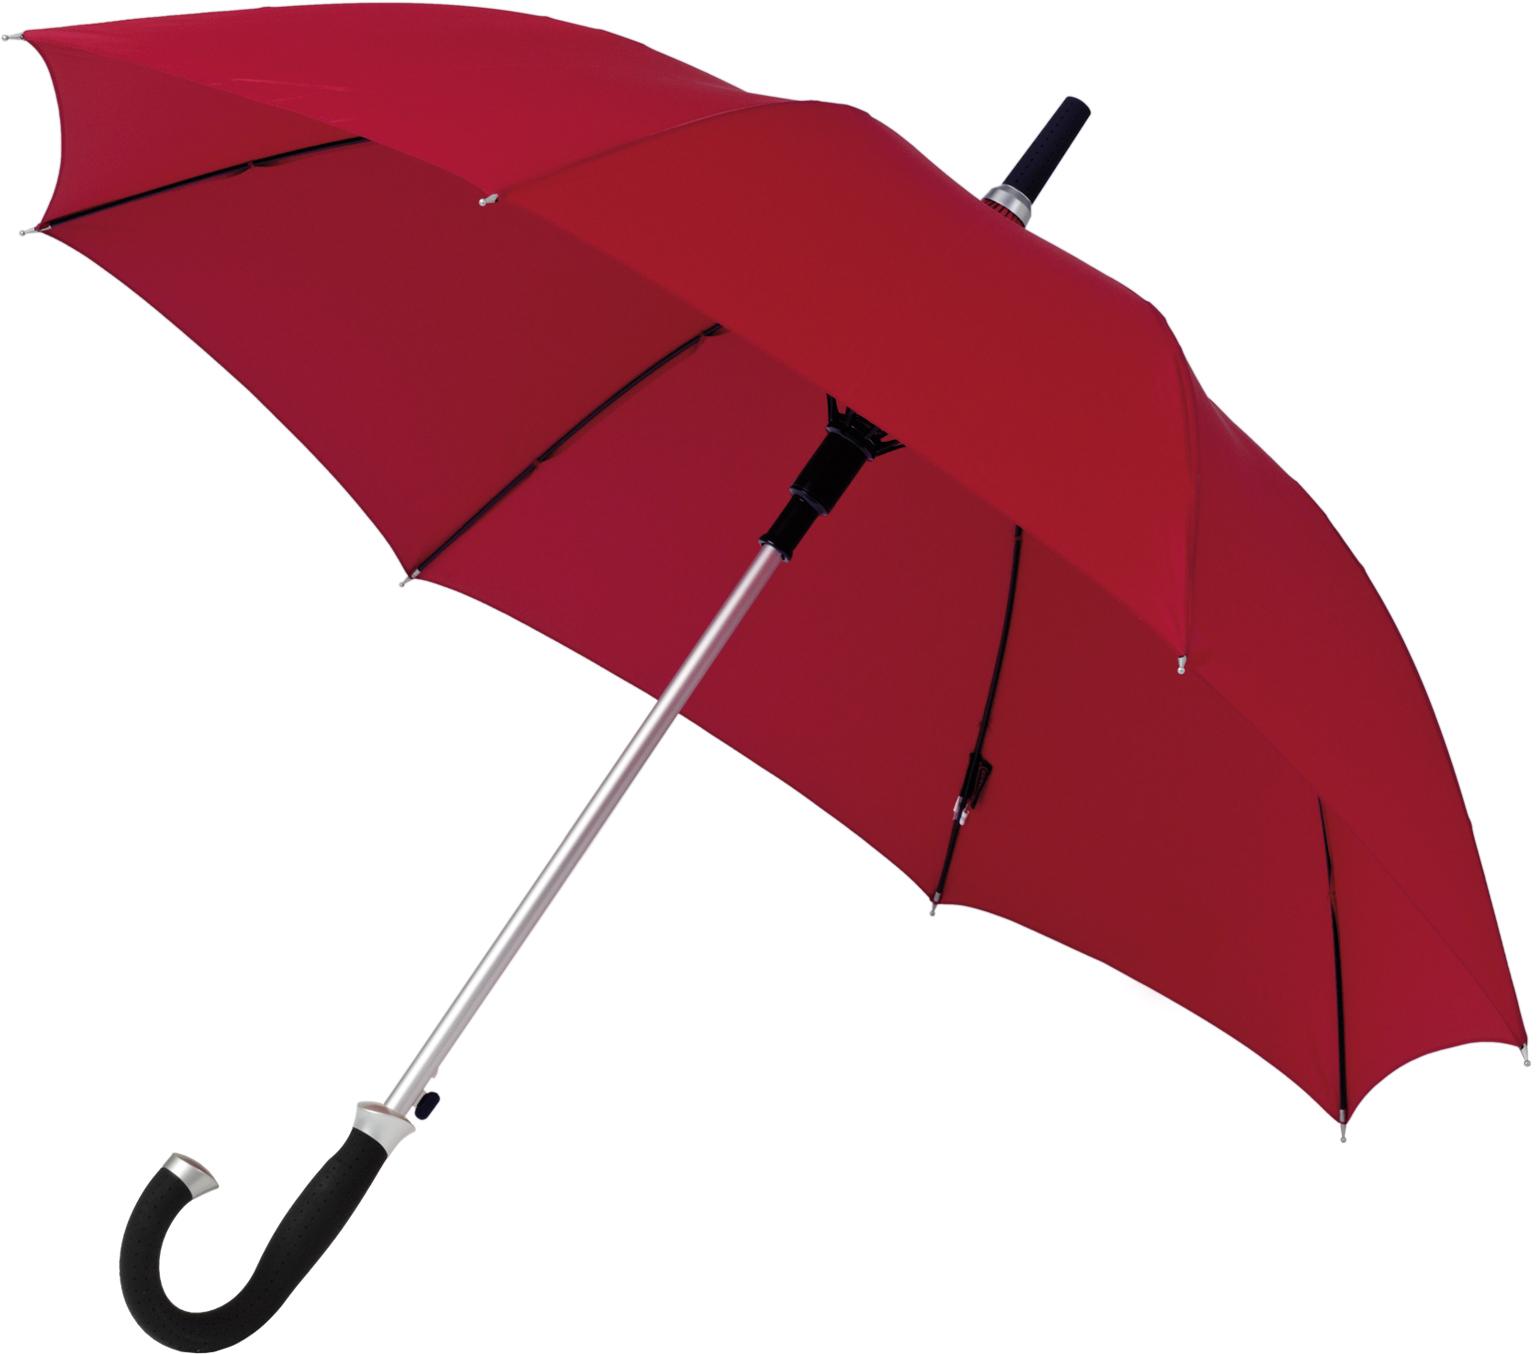 Roter, eleganter Stockschirm 'Storm', mit sicherer Automatik-Auslösetaste in 105 cm